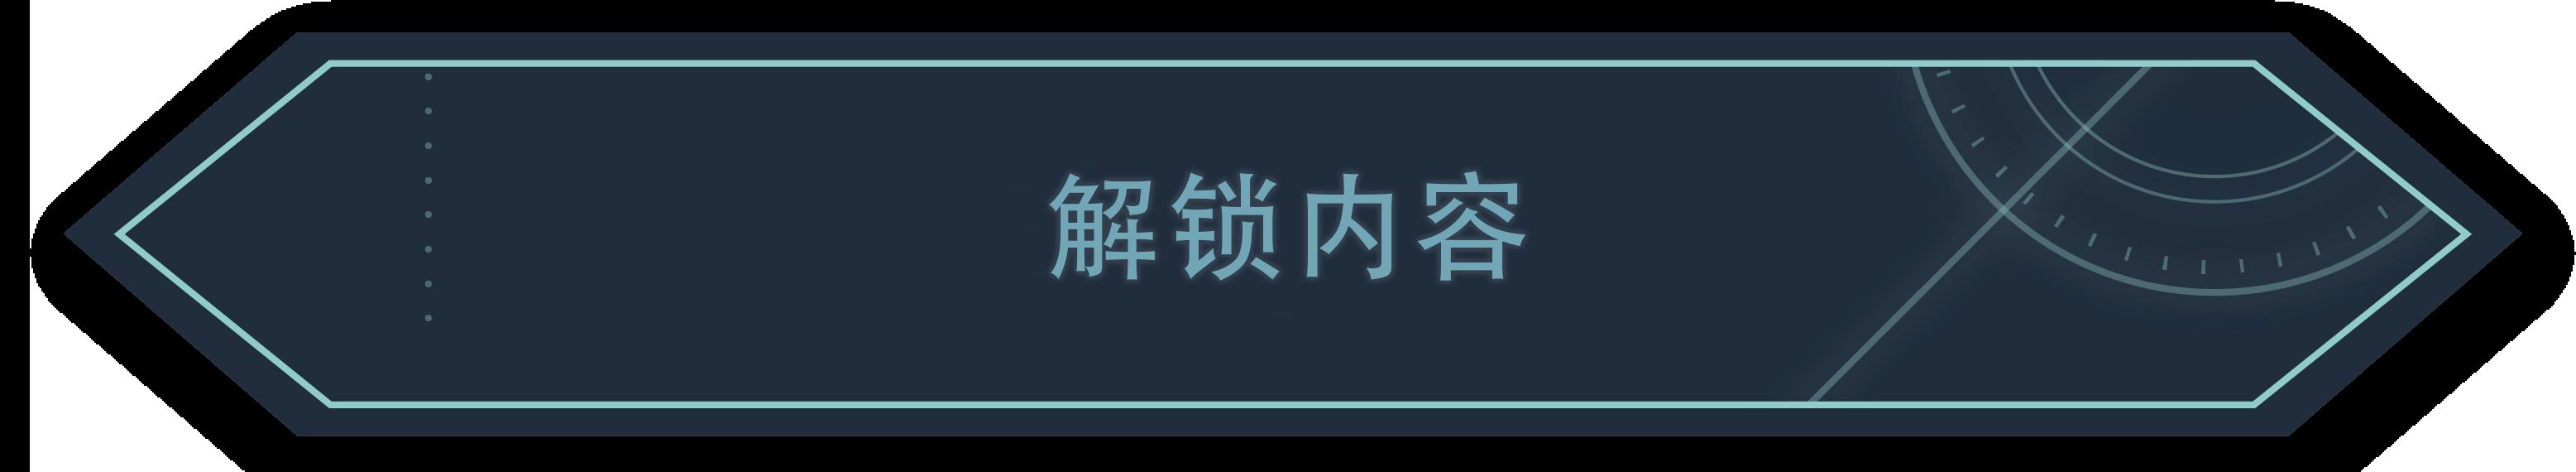 解锁内容.png